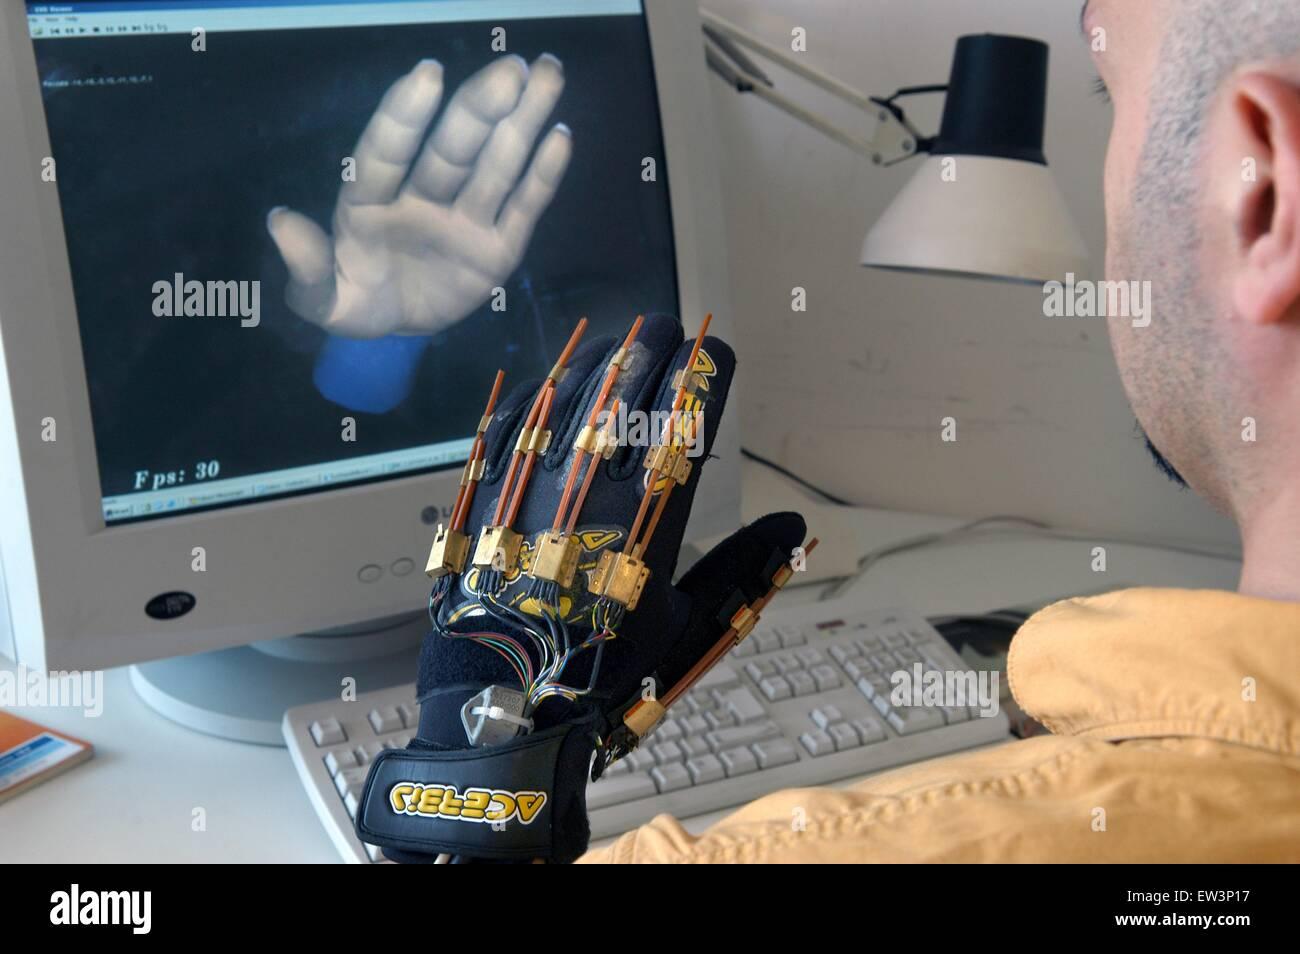 Advanced School St.Anna de Pise (Italie), de laboratoire PERCRO, recherche sur la réalité virtuelle; Photo Stock